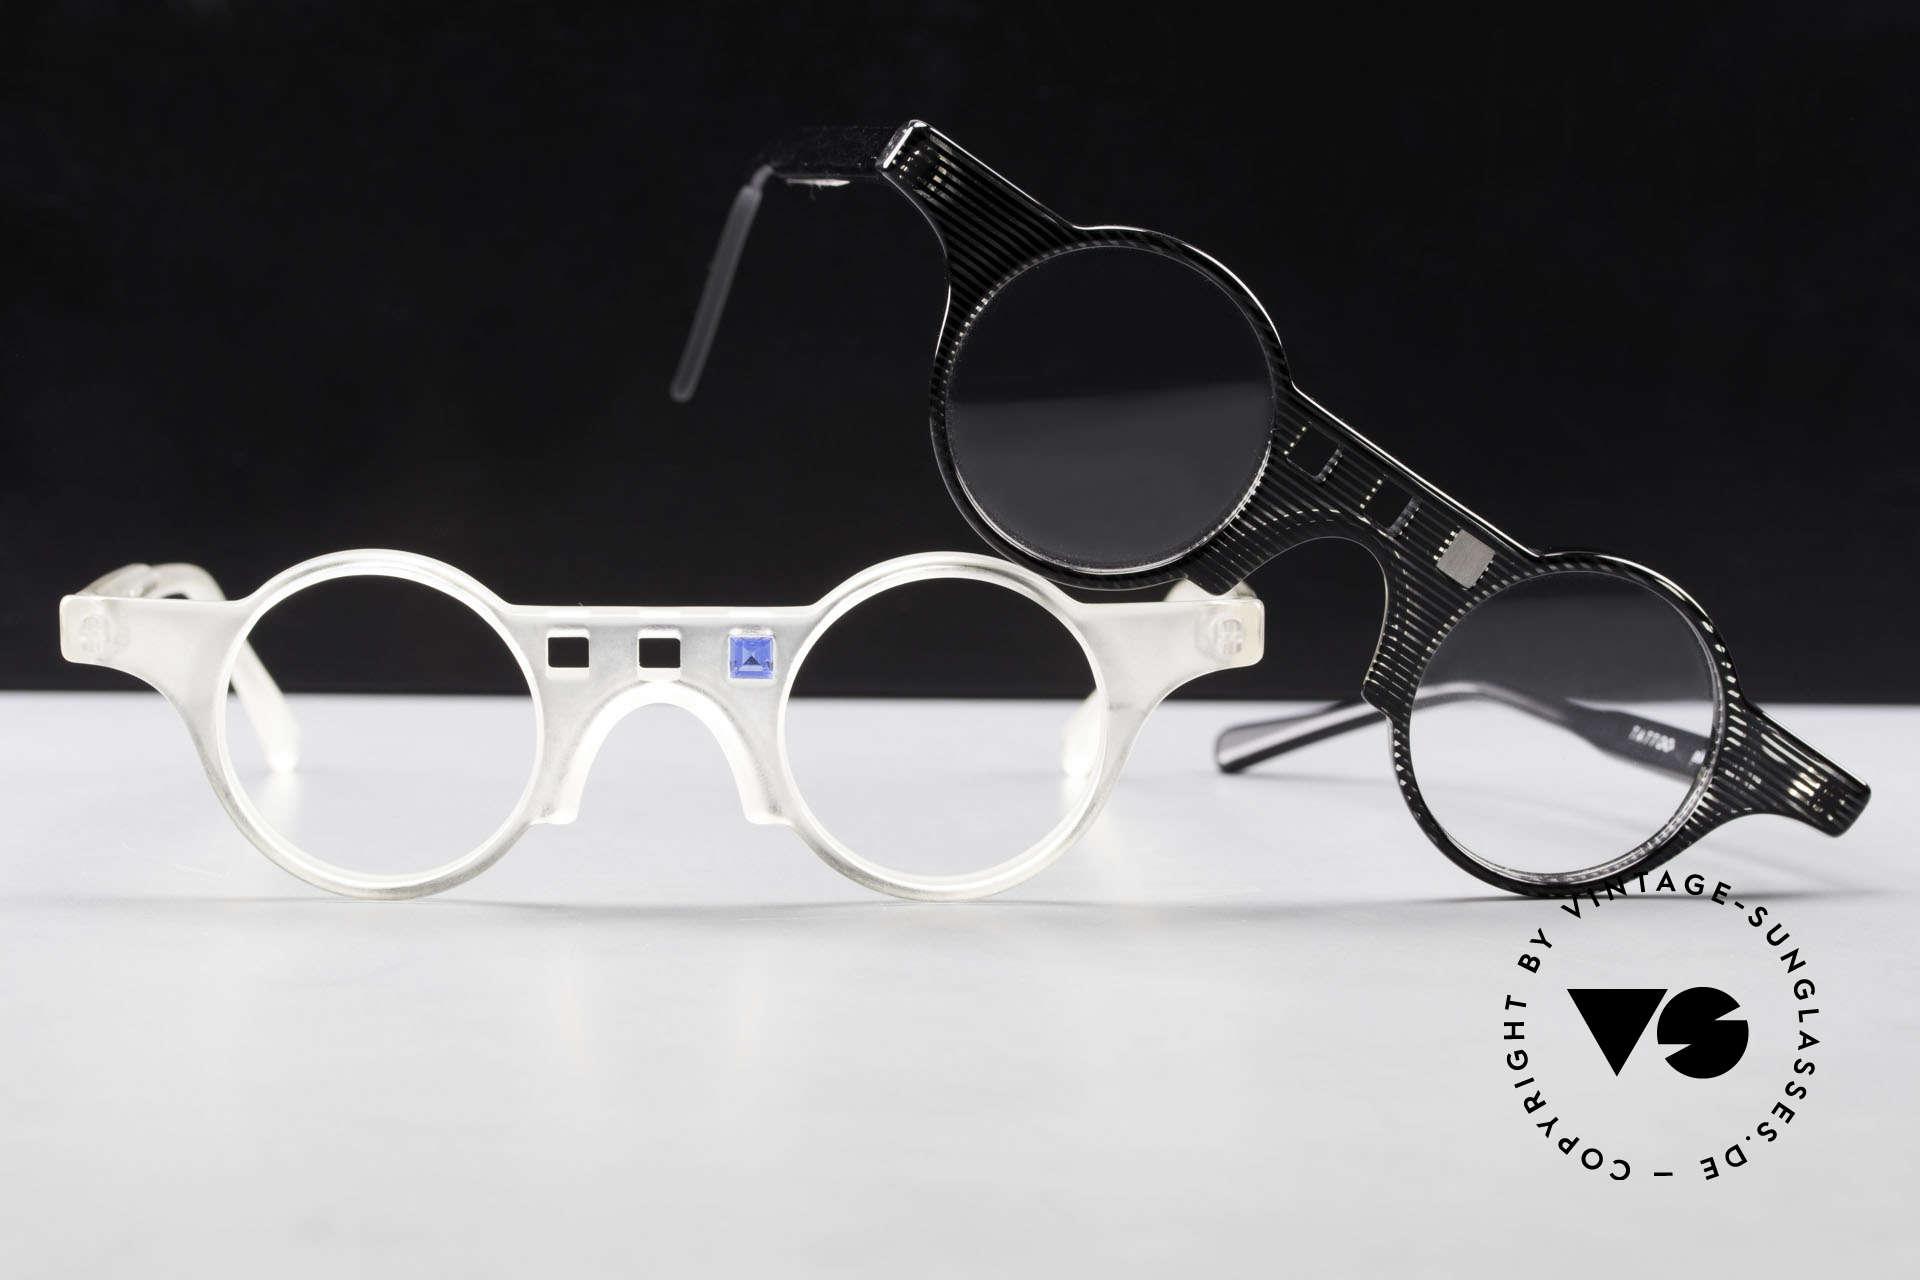 Tattoo Karfunkel 2 Fancy Vintage Eyeglasses, the appliqué is interchangeable; just a fancy idea, Made for Women